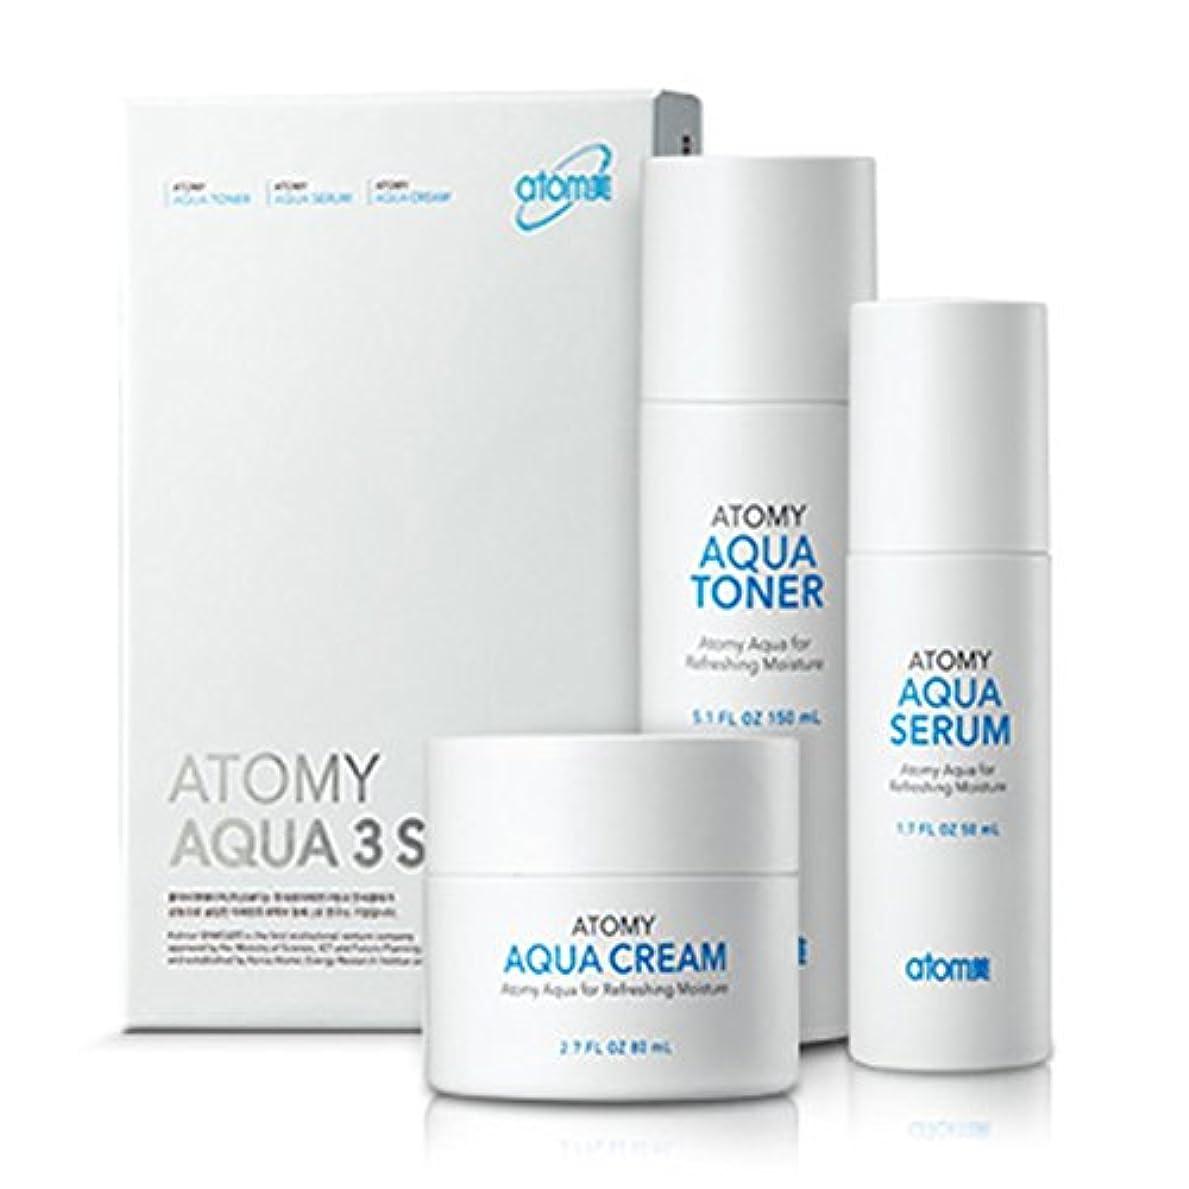 コード省終了しました[Atom美 アトミ/ Atomy] AQUA 3-piece set Waterfull Toner, Serum, Cream/アクア水分3点セット+[Sample Gift](海外直送品)